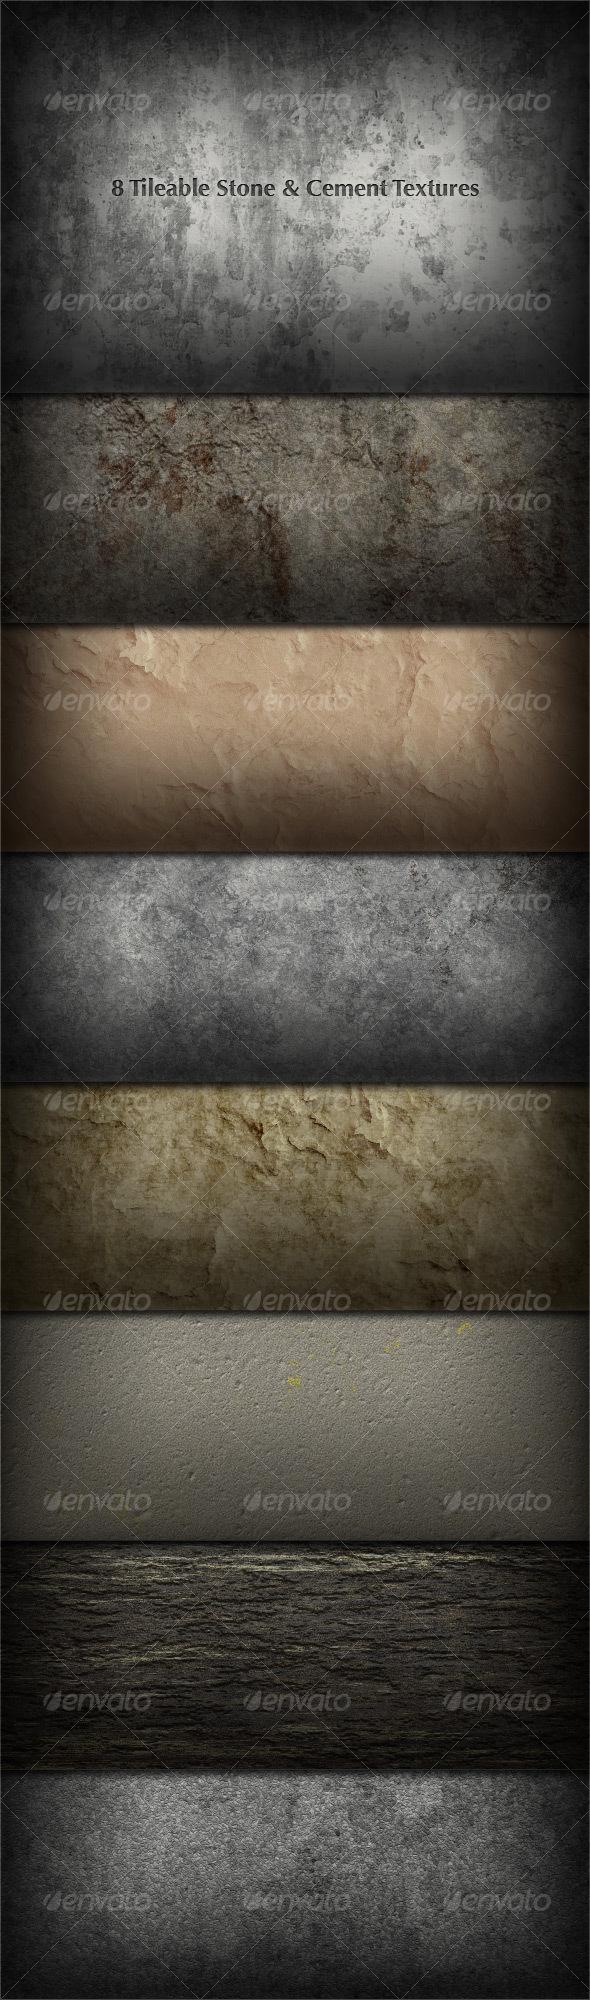 8 Tileable Stone/Concrete/Plaster Textures - Miscellaneous Textures / Fills / Patterns